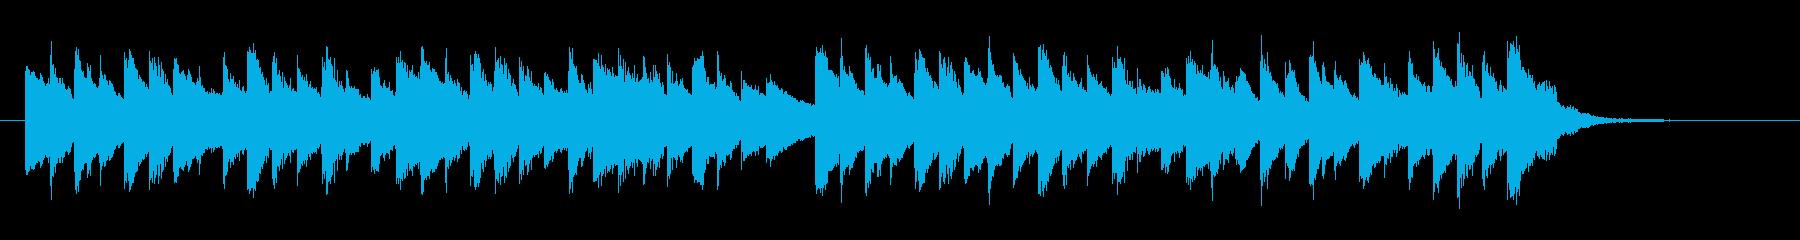 チェンバロ、眠りを誘う優雅なジングルの再生済みの波形